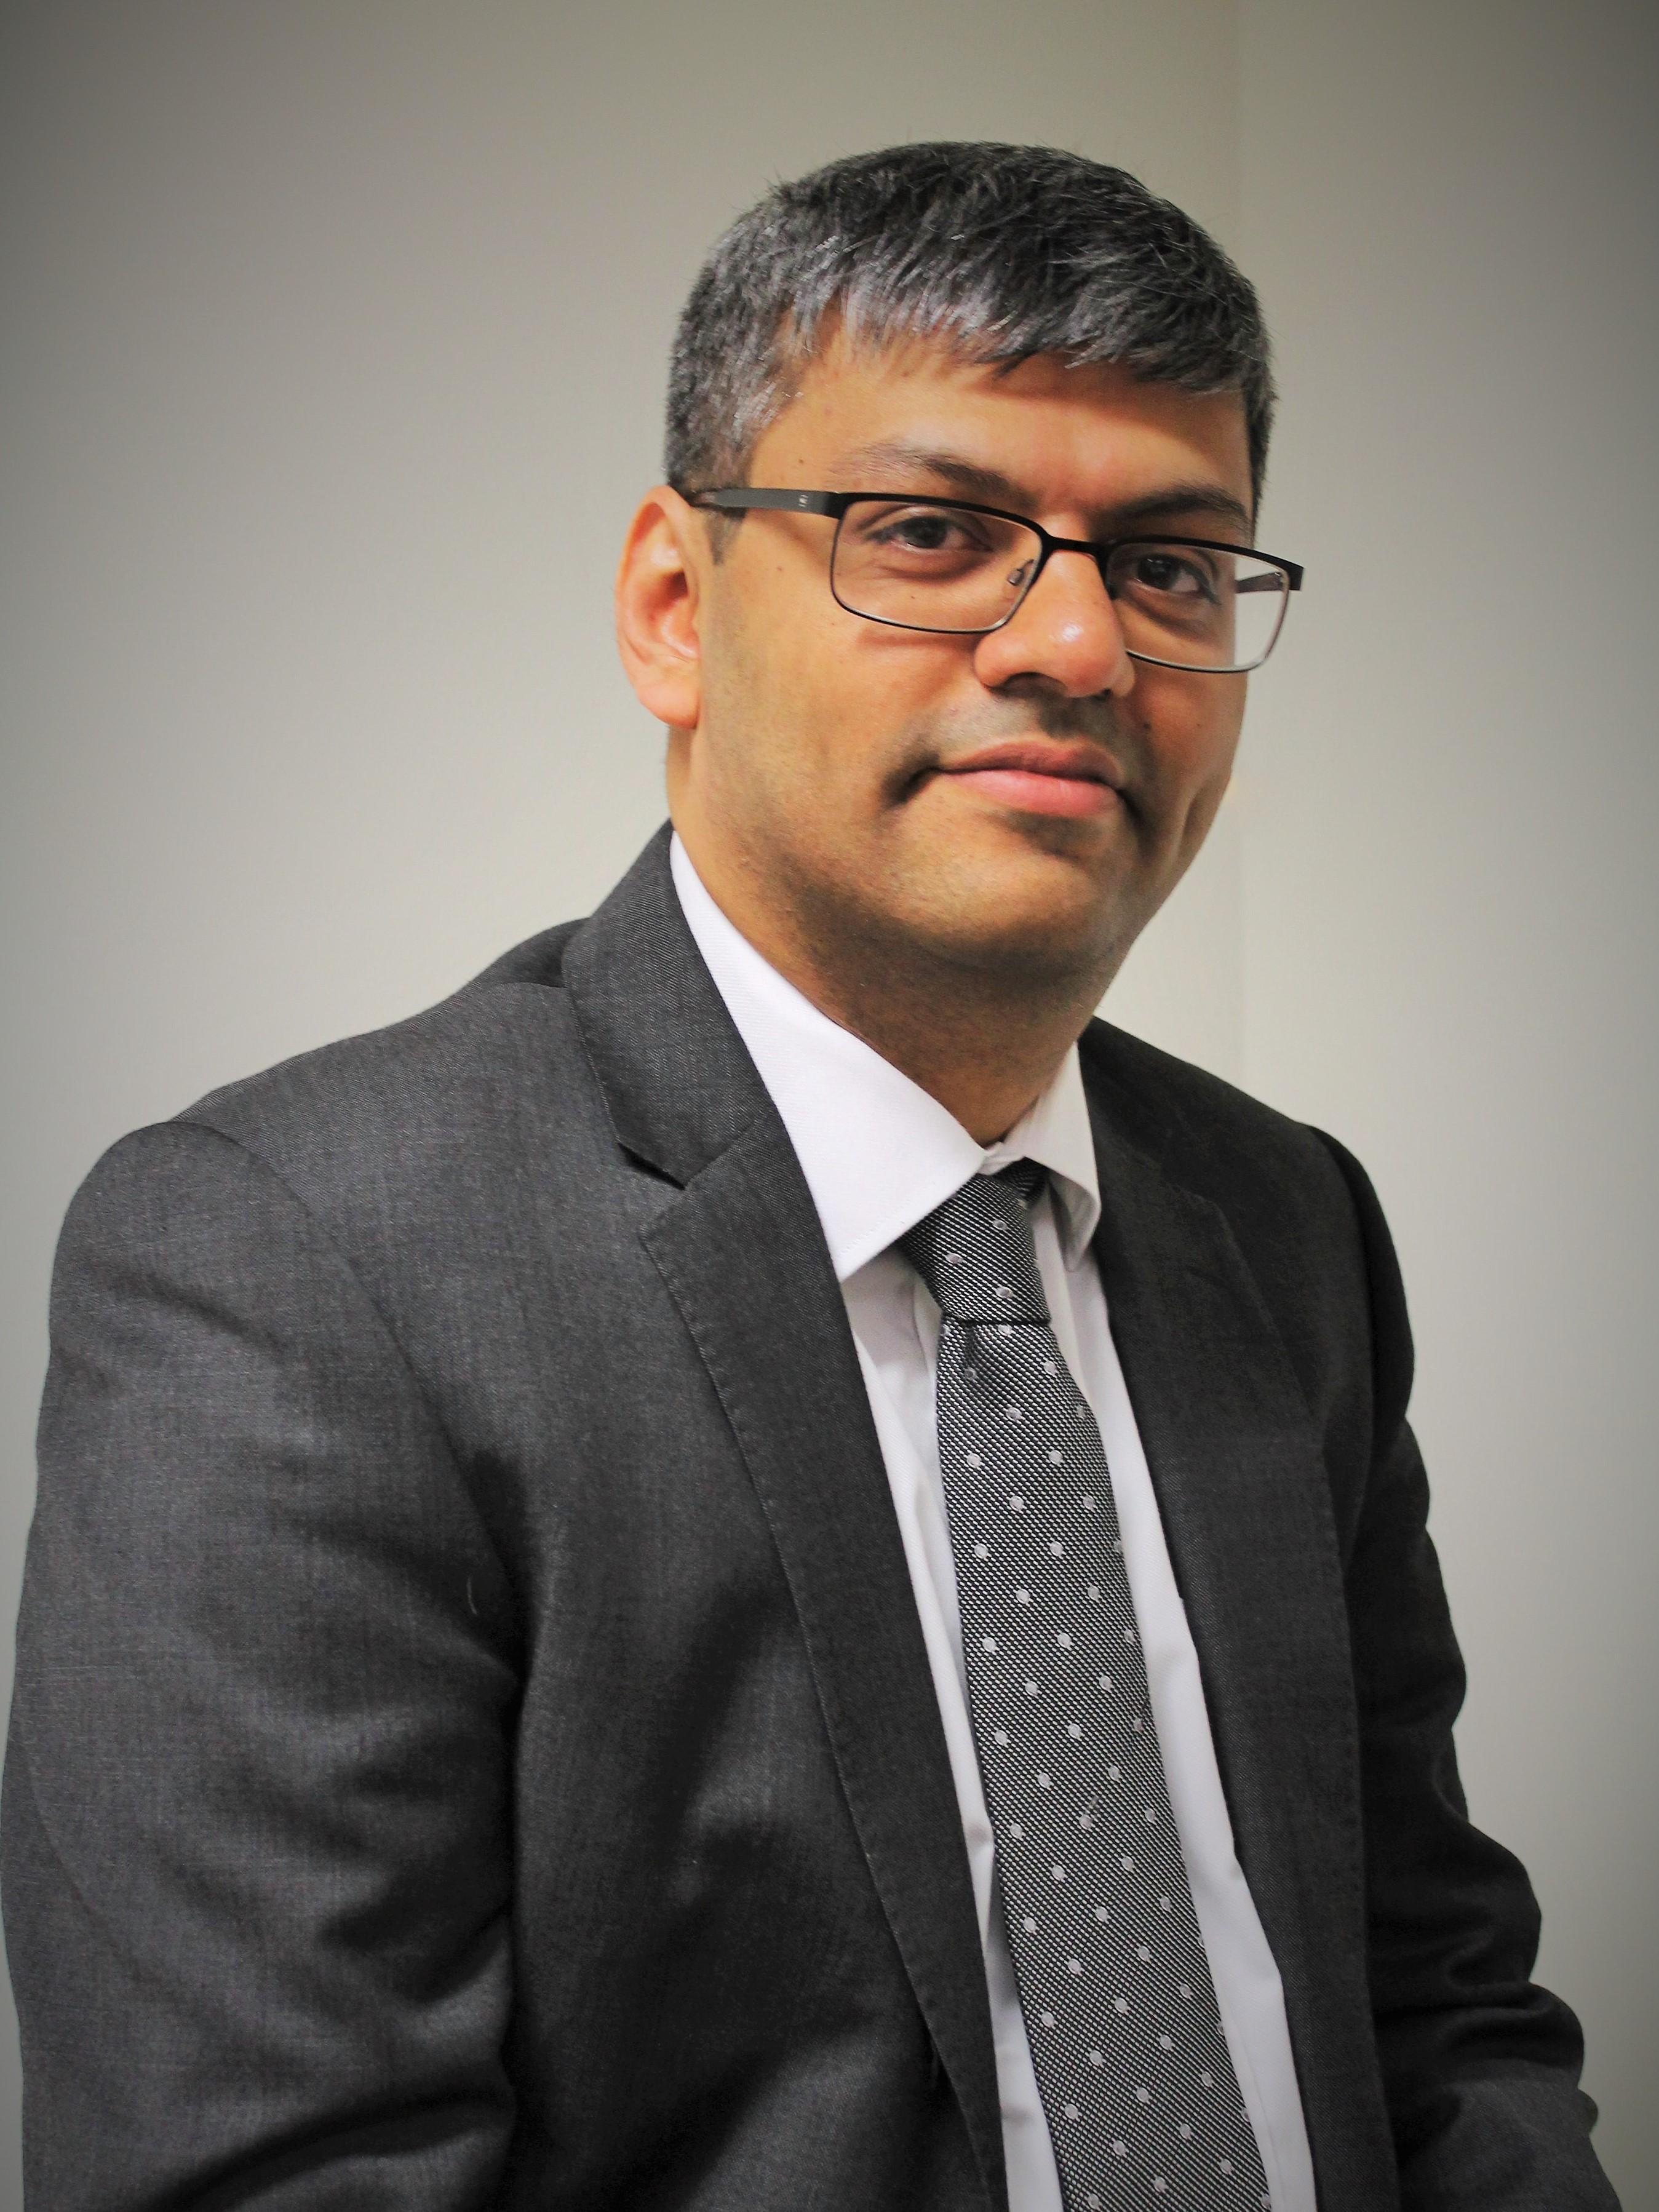 Dr. Divyanshu Dua